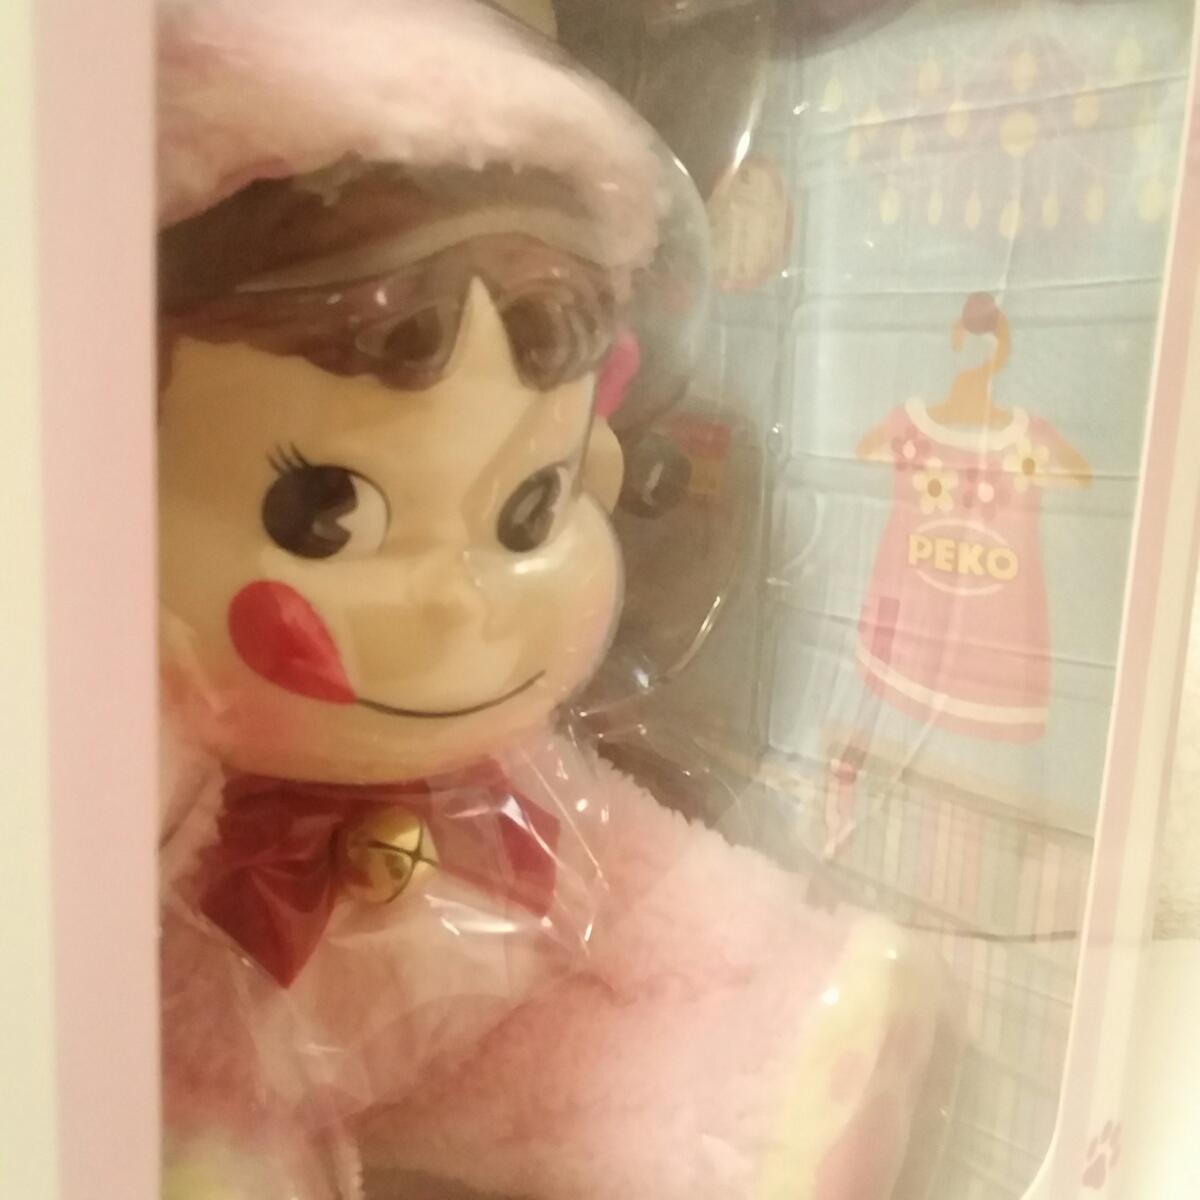 数量限定 PEKO DOLL ペコドール ペコちゃん 人形 猫 ピンク 着ぐるみ セブンイレブン 不二家 限定 ぬいぐるみ ミルキー プレゼント_画像6